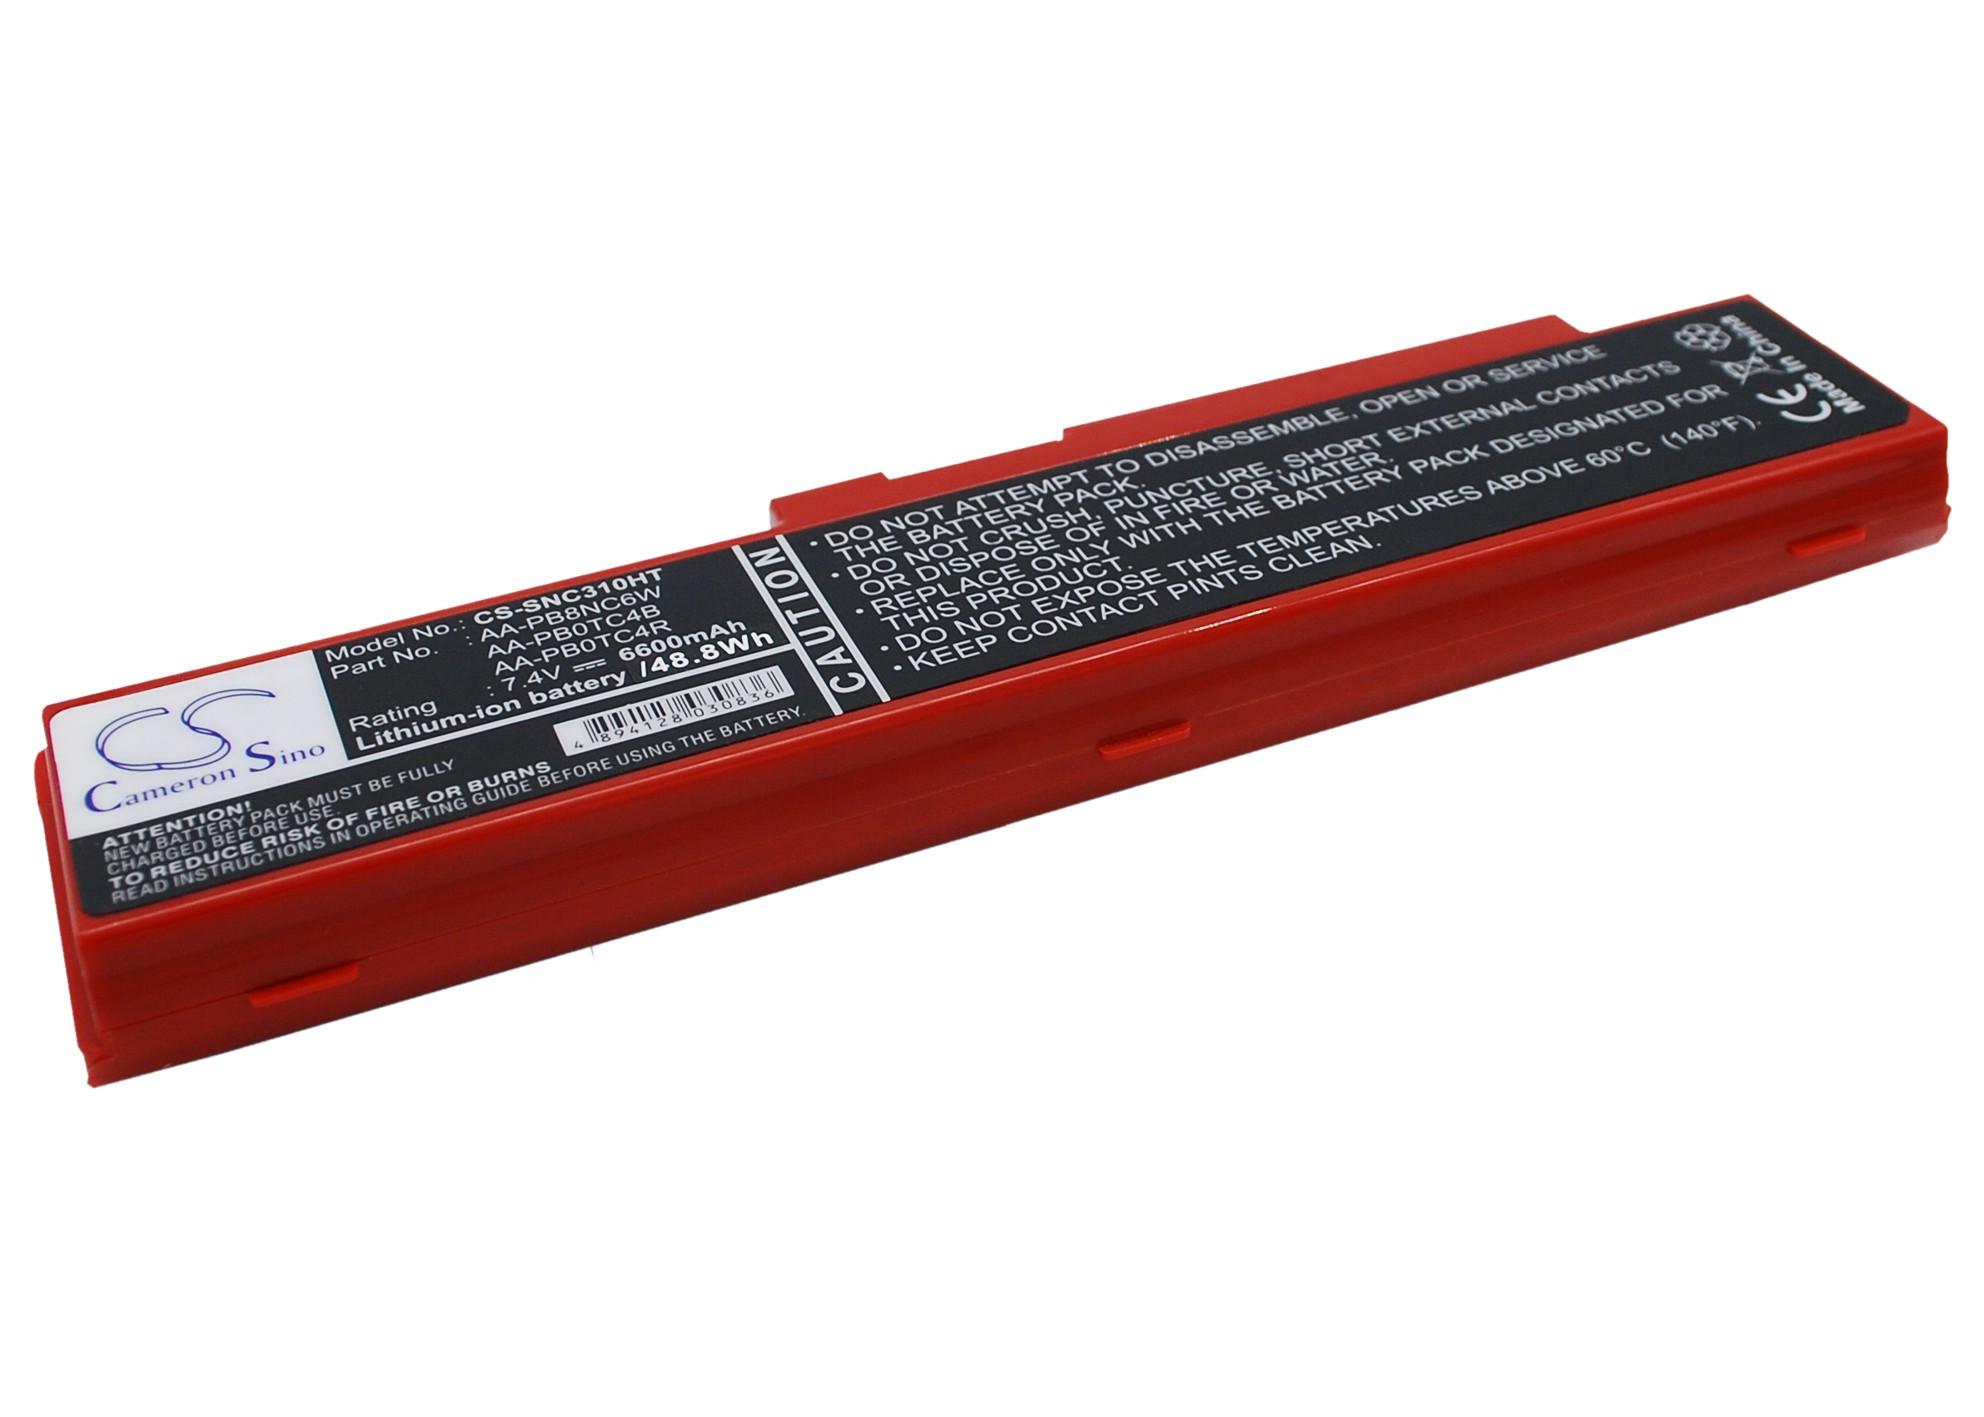 Cameron Sino baterie do netbooků pro SAMSUNG NP-N310-KA01NL 7.4V Li-ion 6600mAh červená - neoriginální